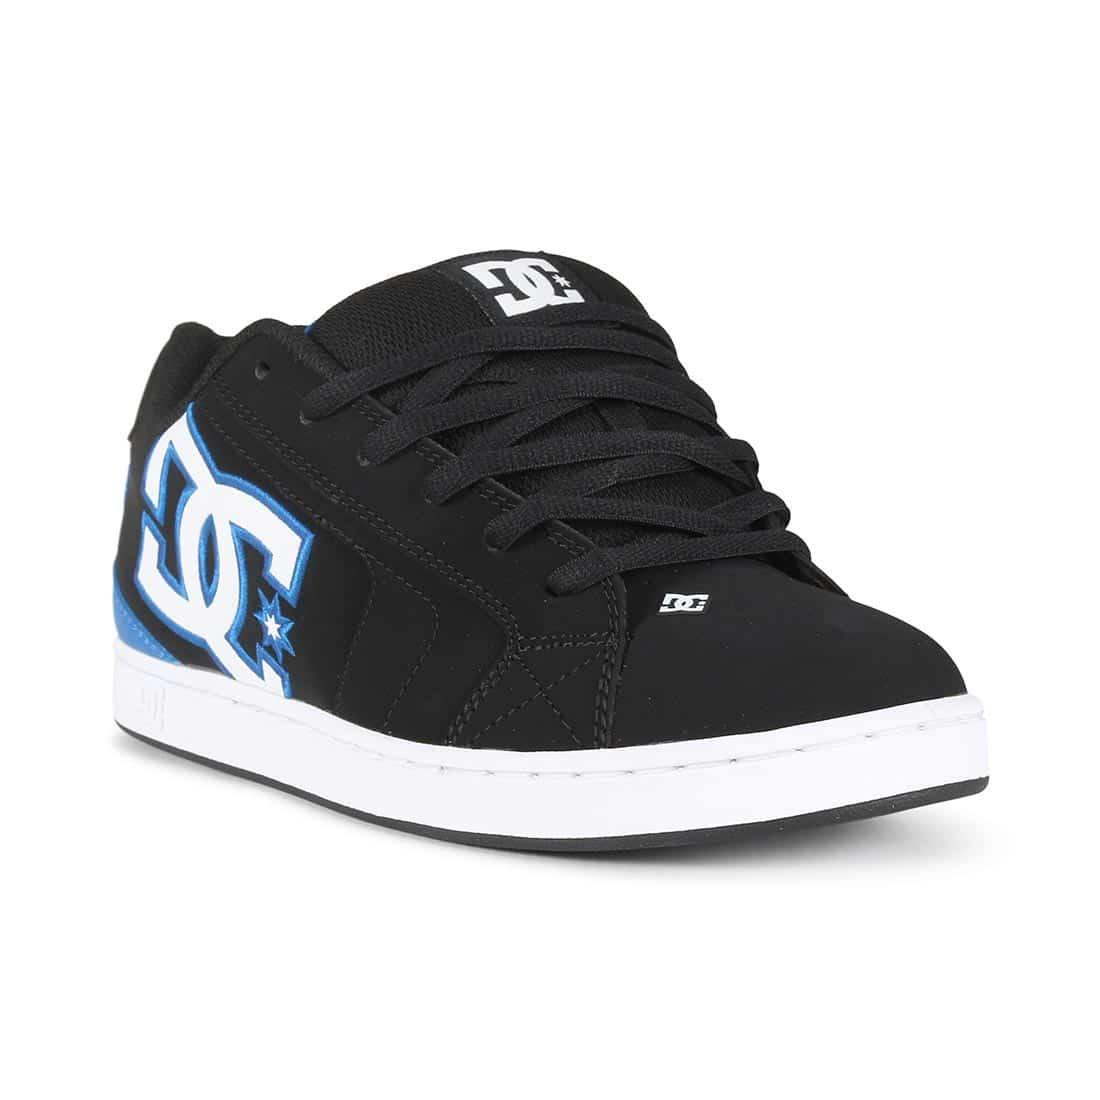 DC-Shoes-Net-Black-Black-Blue-